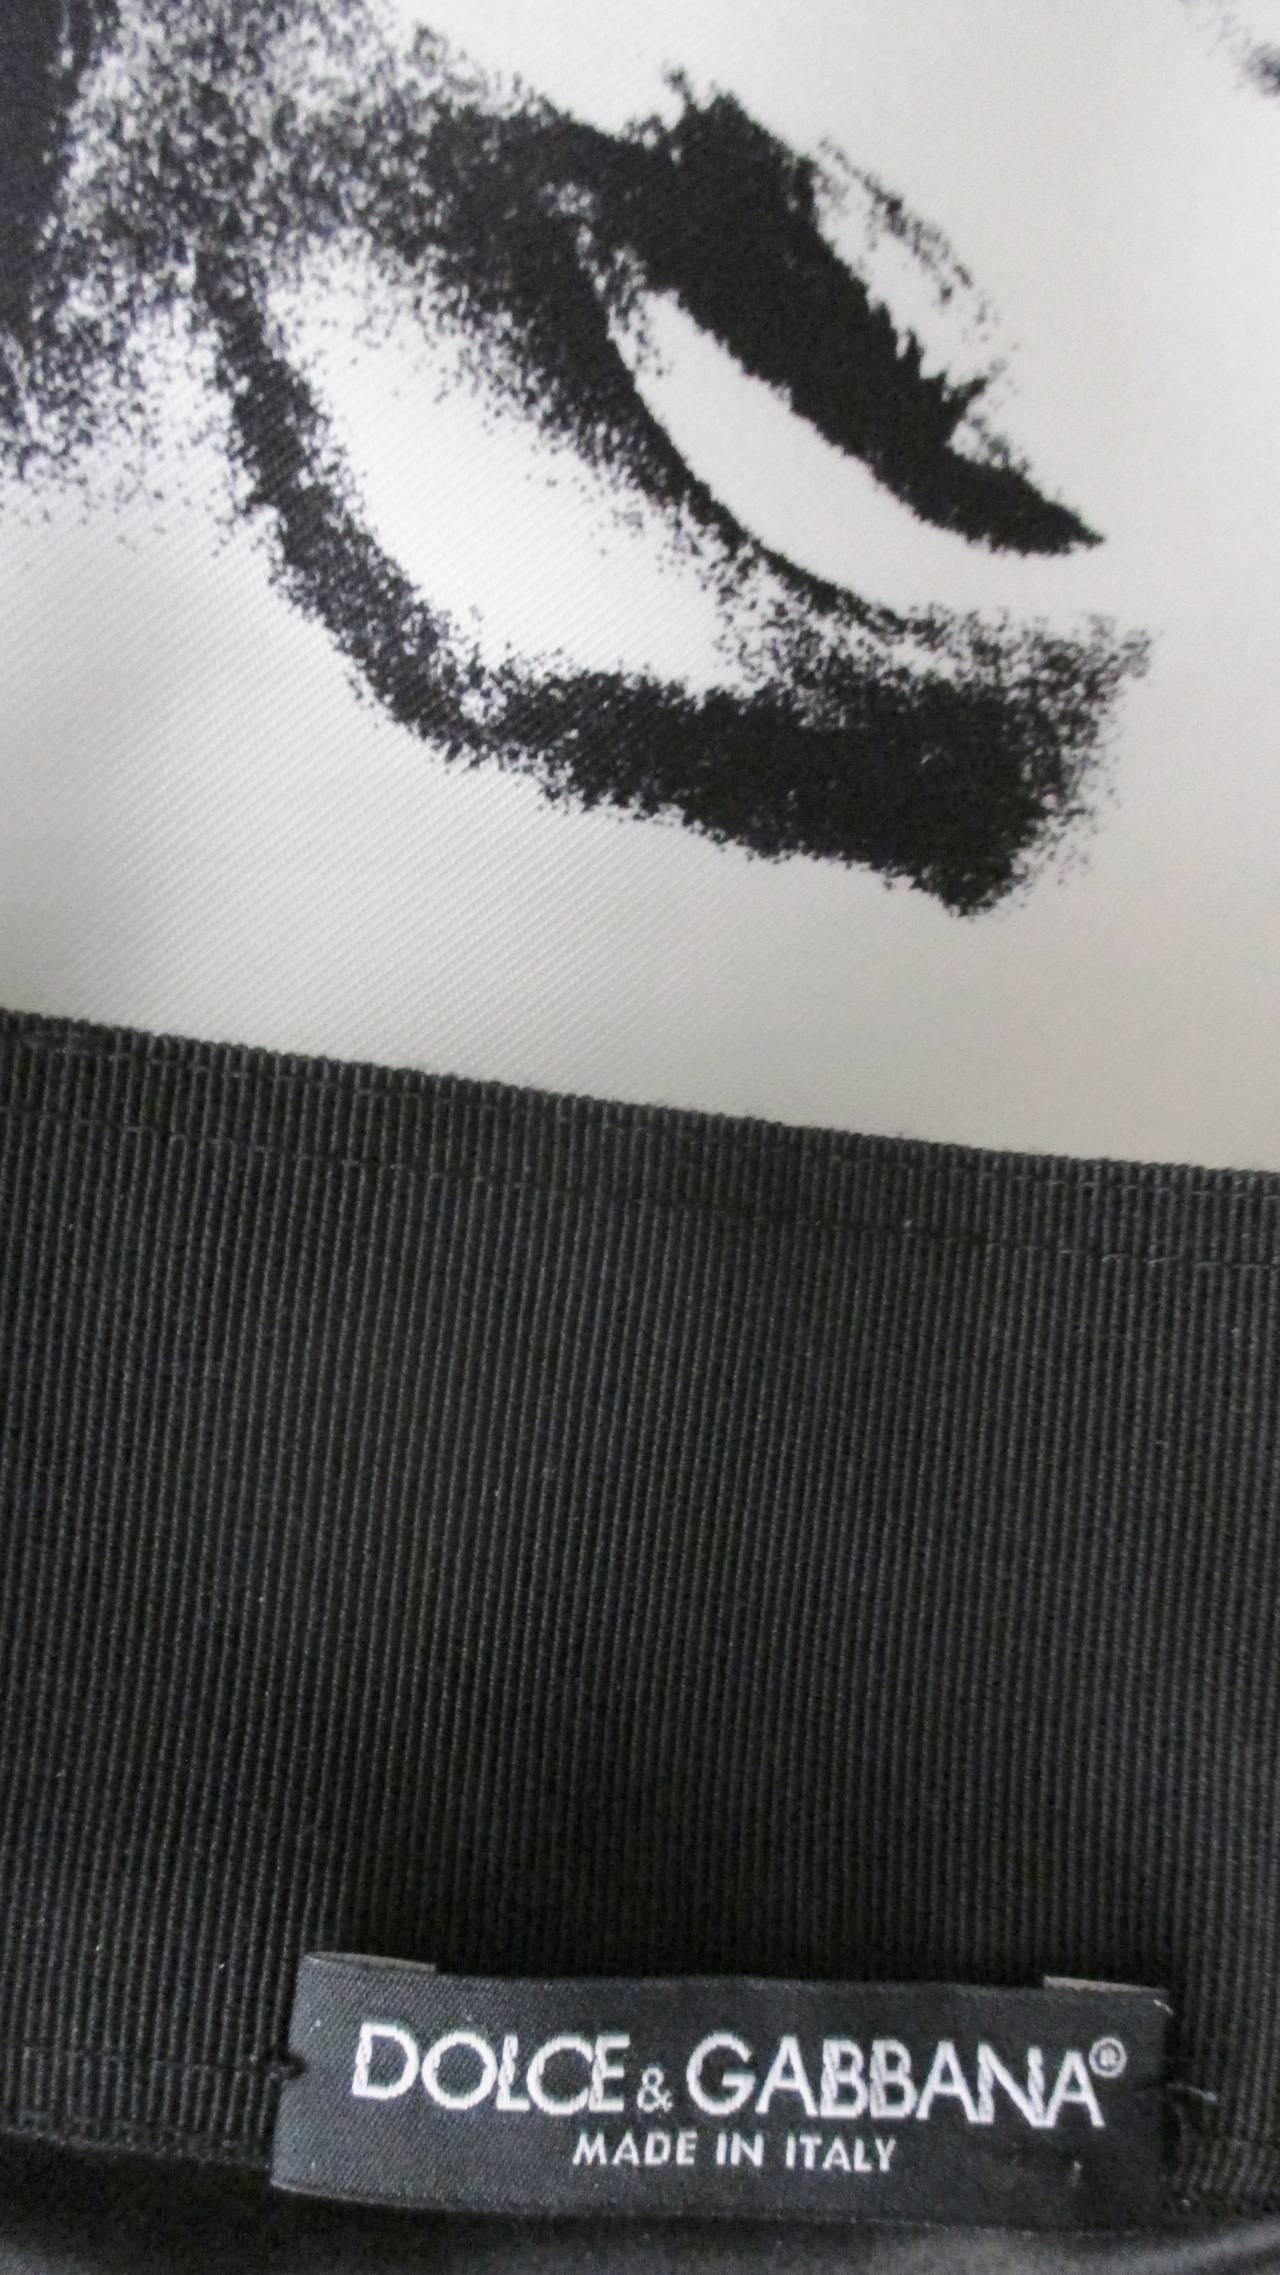 Dolce & Gabbana Marilyn Monroe Print Skirt For Sale 7